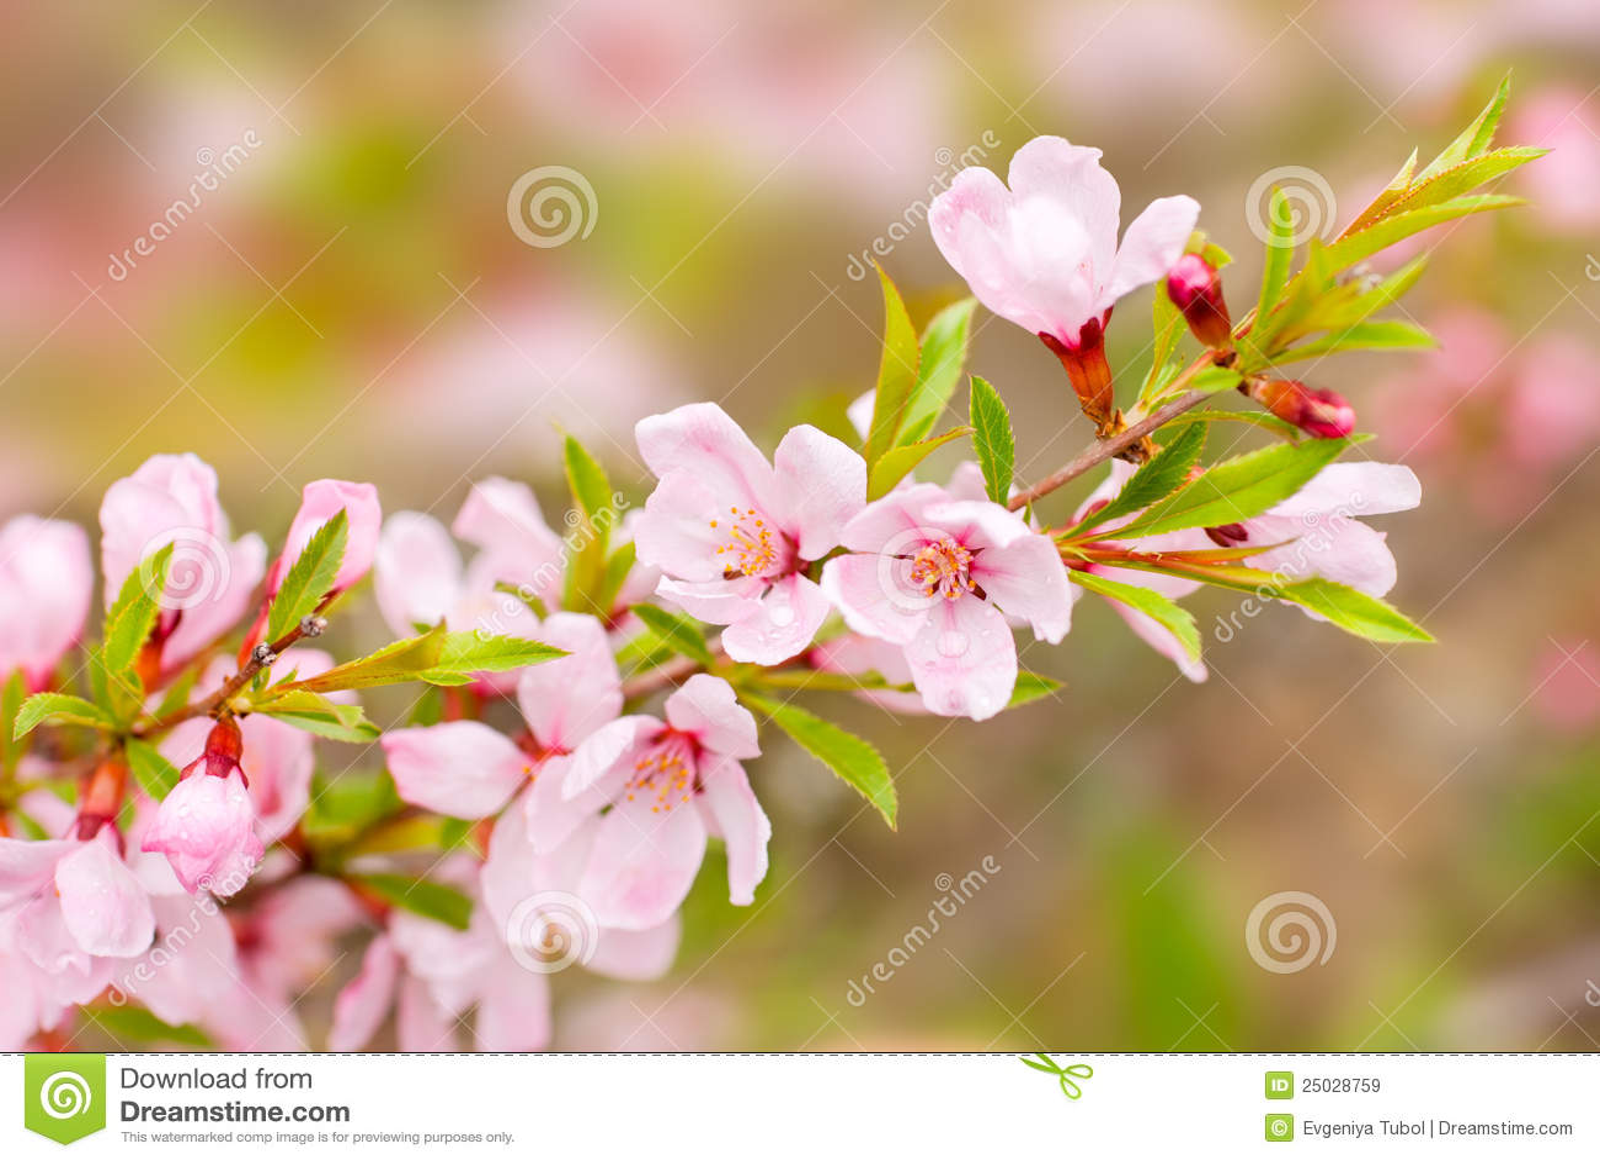 Rosa fjäder för blommor